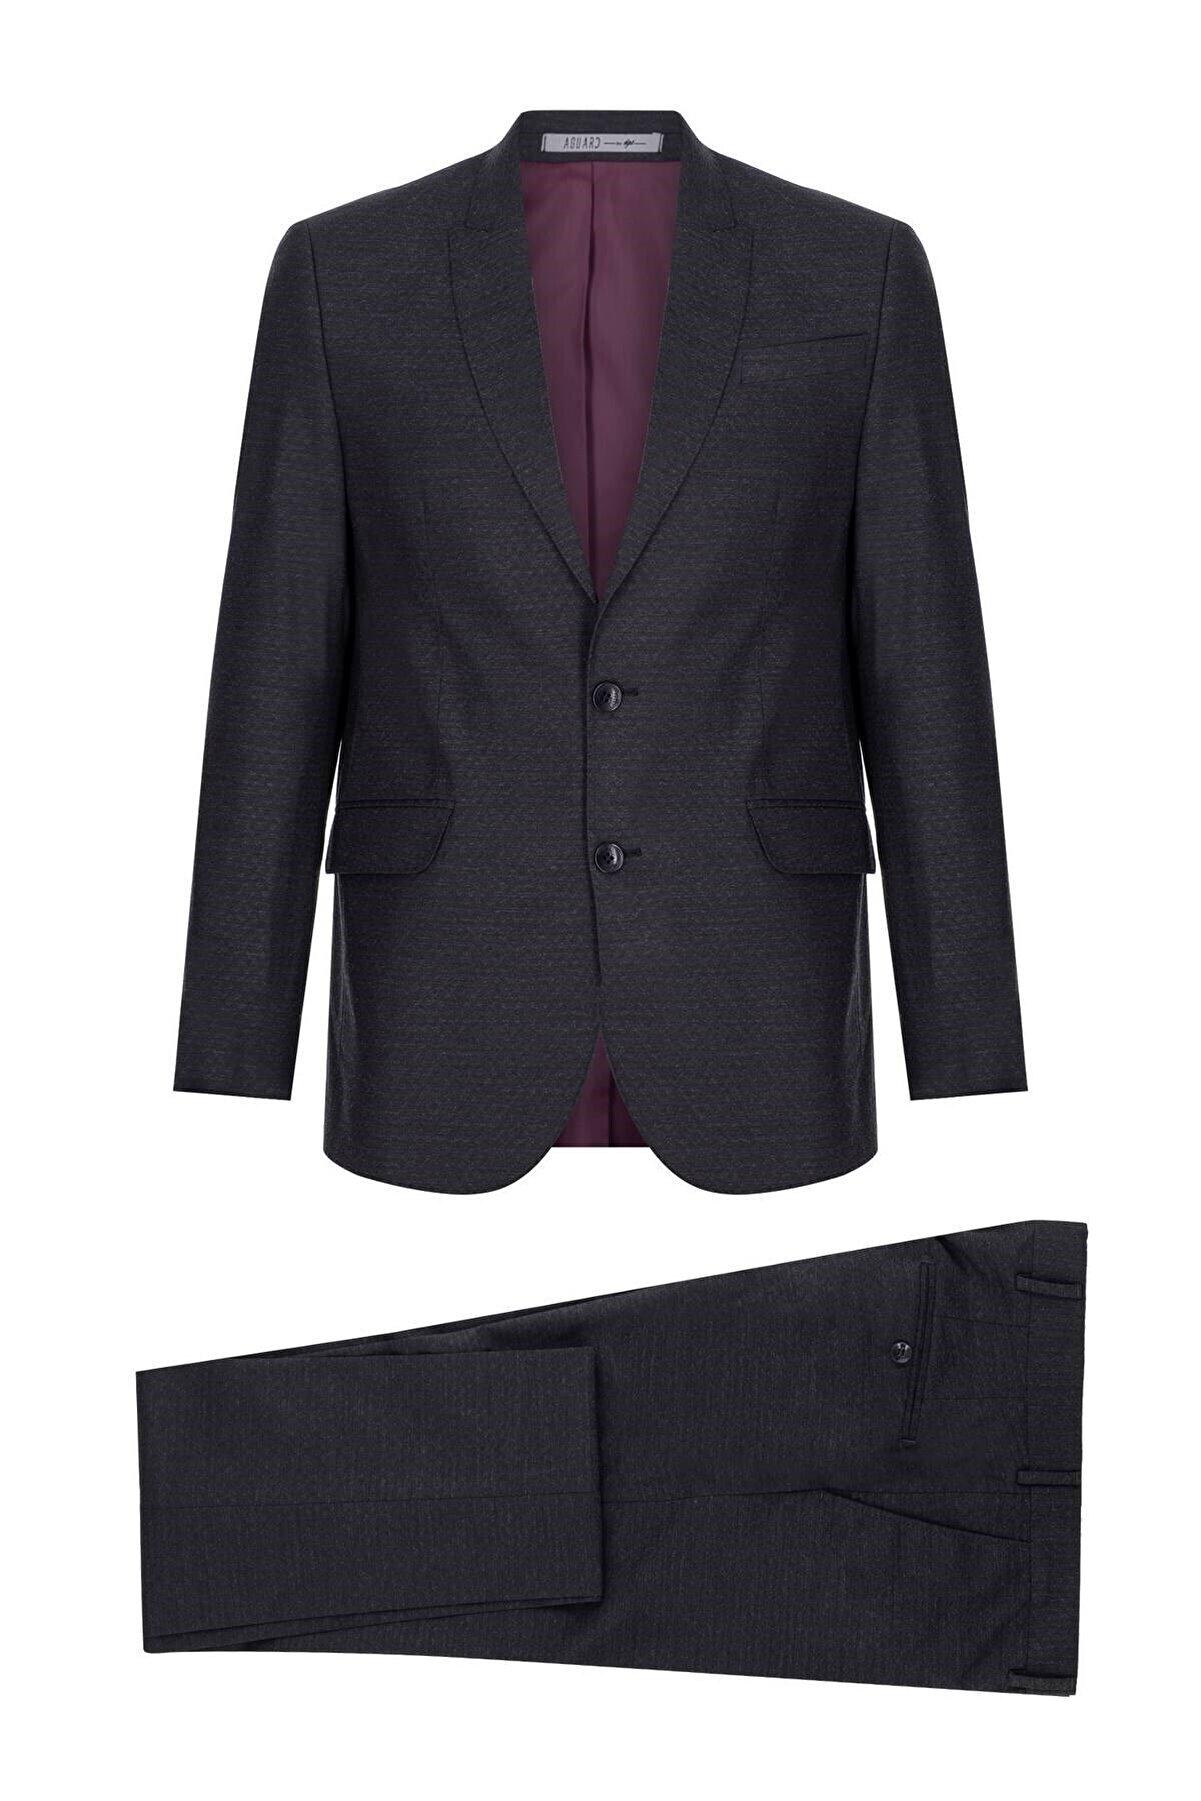 İgs Erkek Lacivert Slım Fıt / Dar Kalıp Ince Kırlangıç Takım Elbise